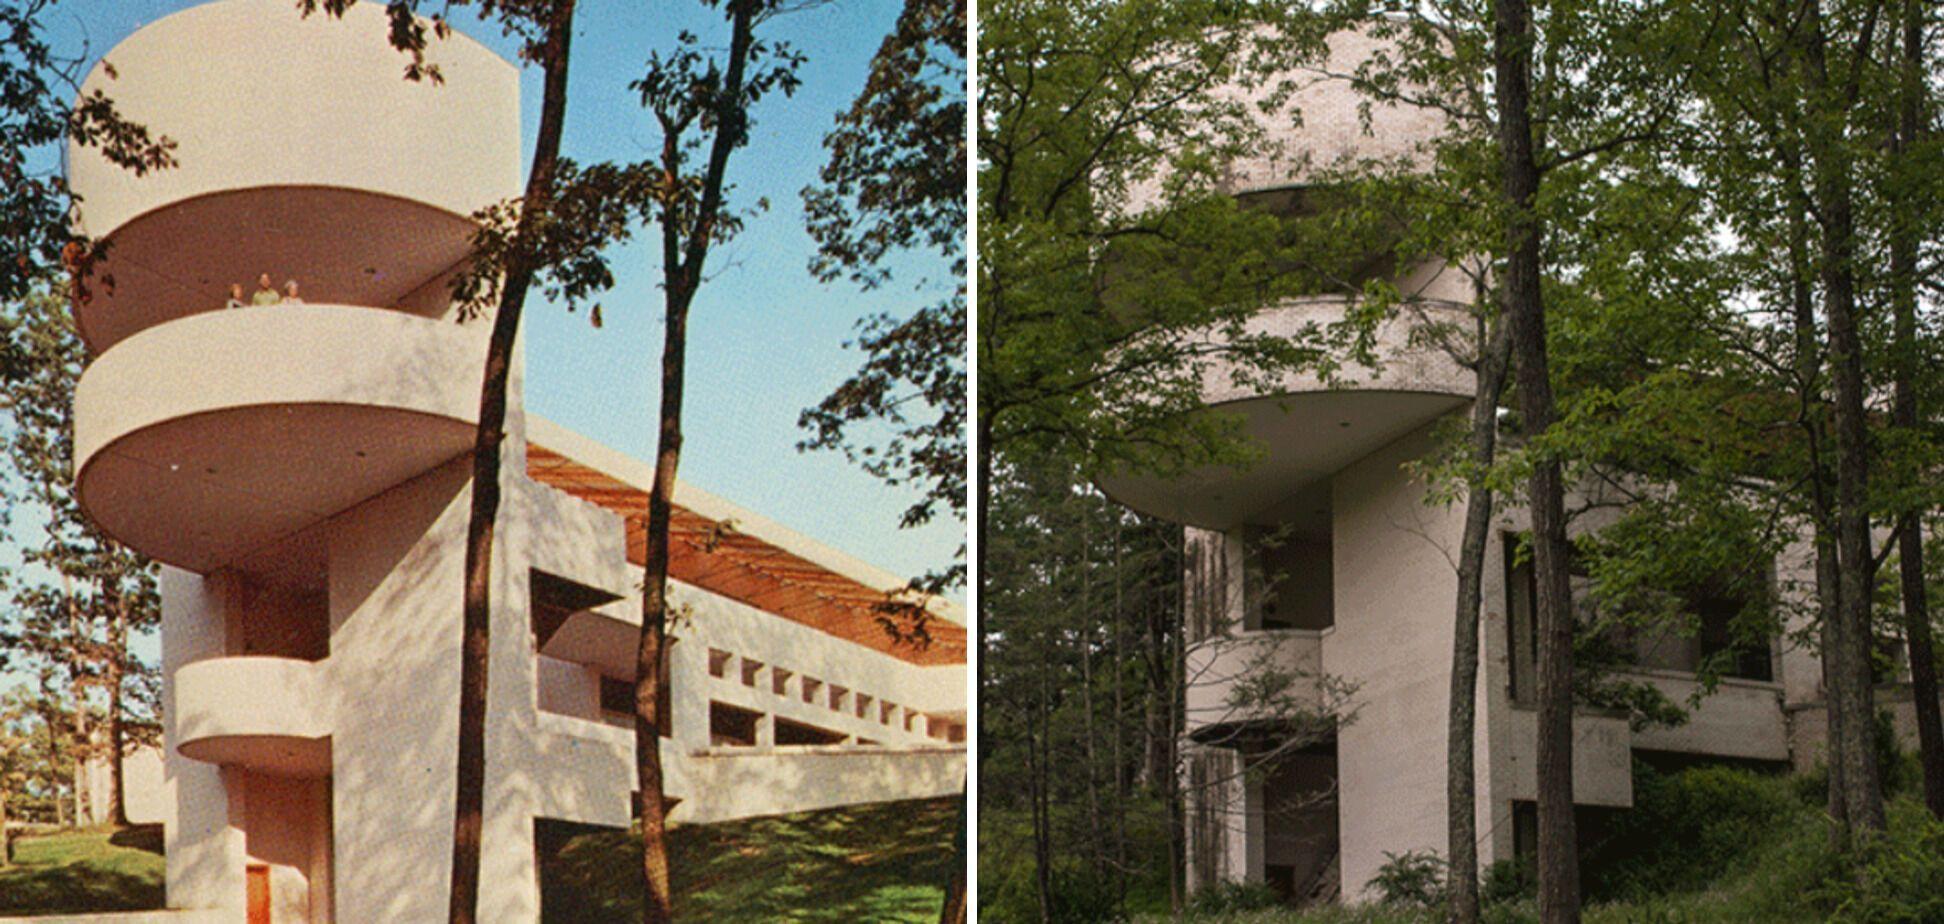 После того, как пожар уничтожил главное здание курорта в районе Поконос, в начале 70-х его заменили